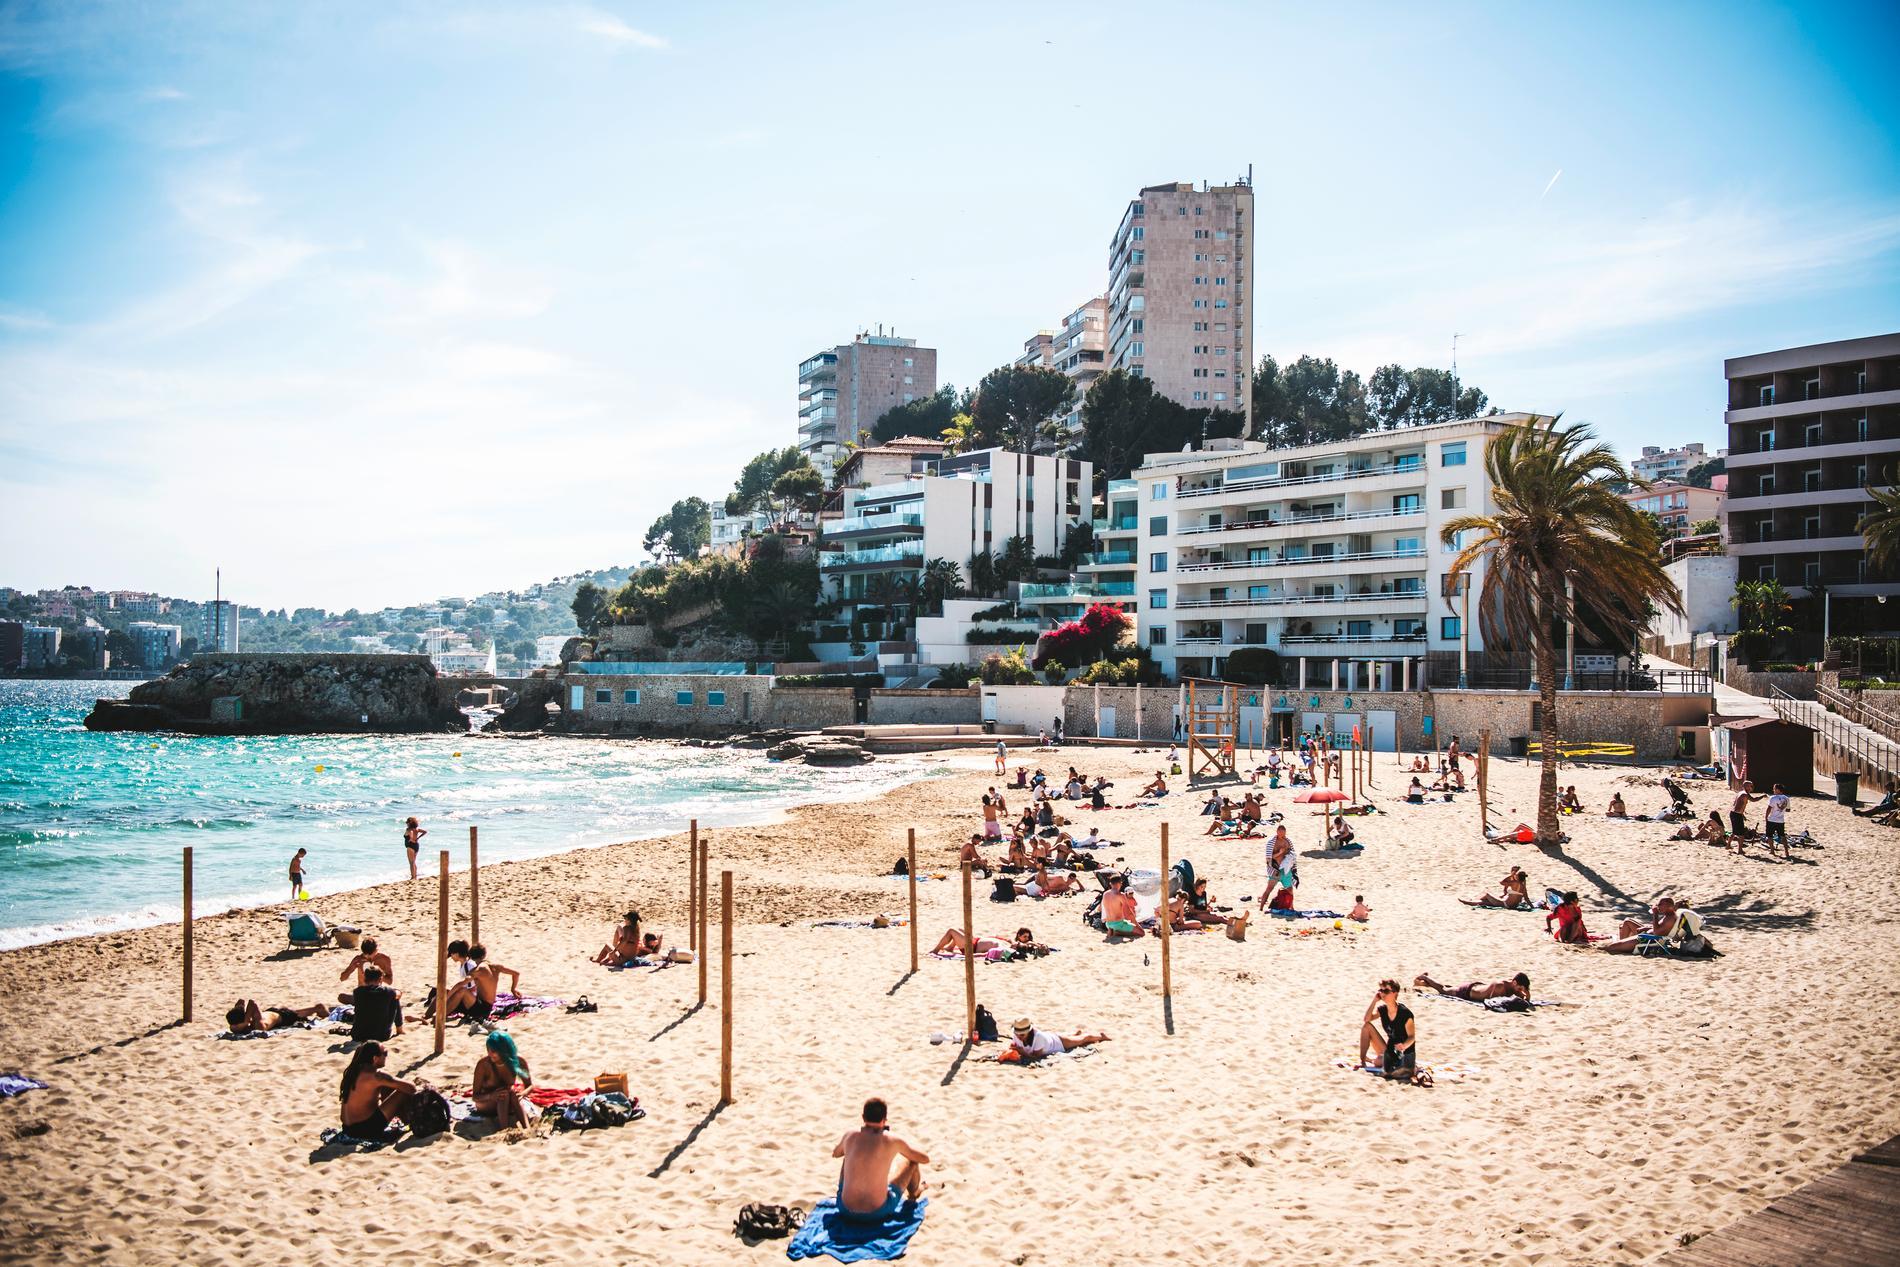 Stranden i Cala Major i  Palma på Mallorca i pandemitider. Resebolagen vittnar om att det mer och mer återgår till det normala i semesterparadisen. Att det är lite lugnare på stranden än vanligt kan ses som en fördel.